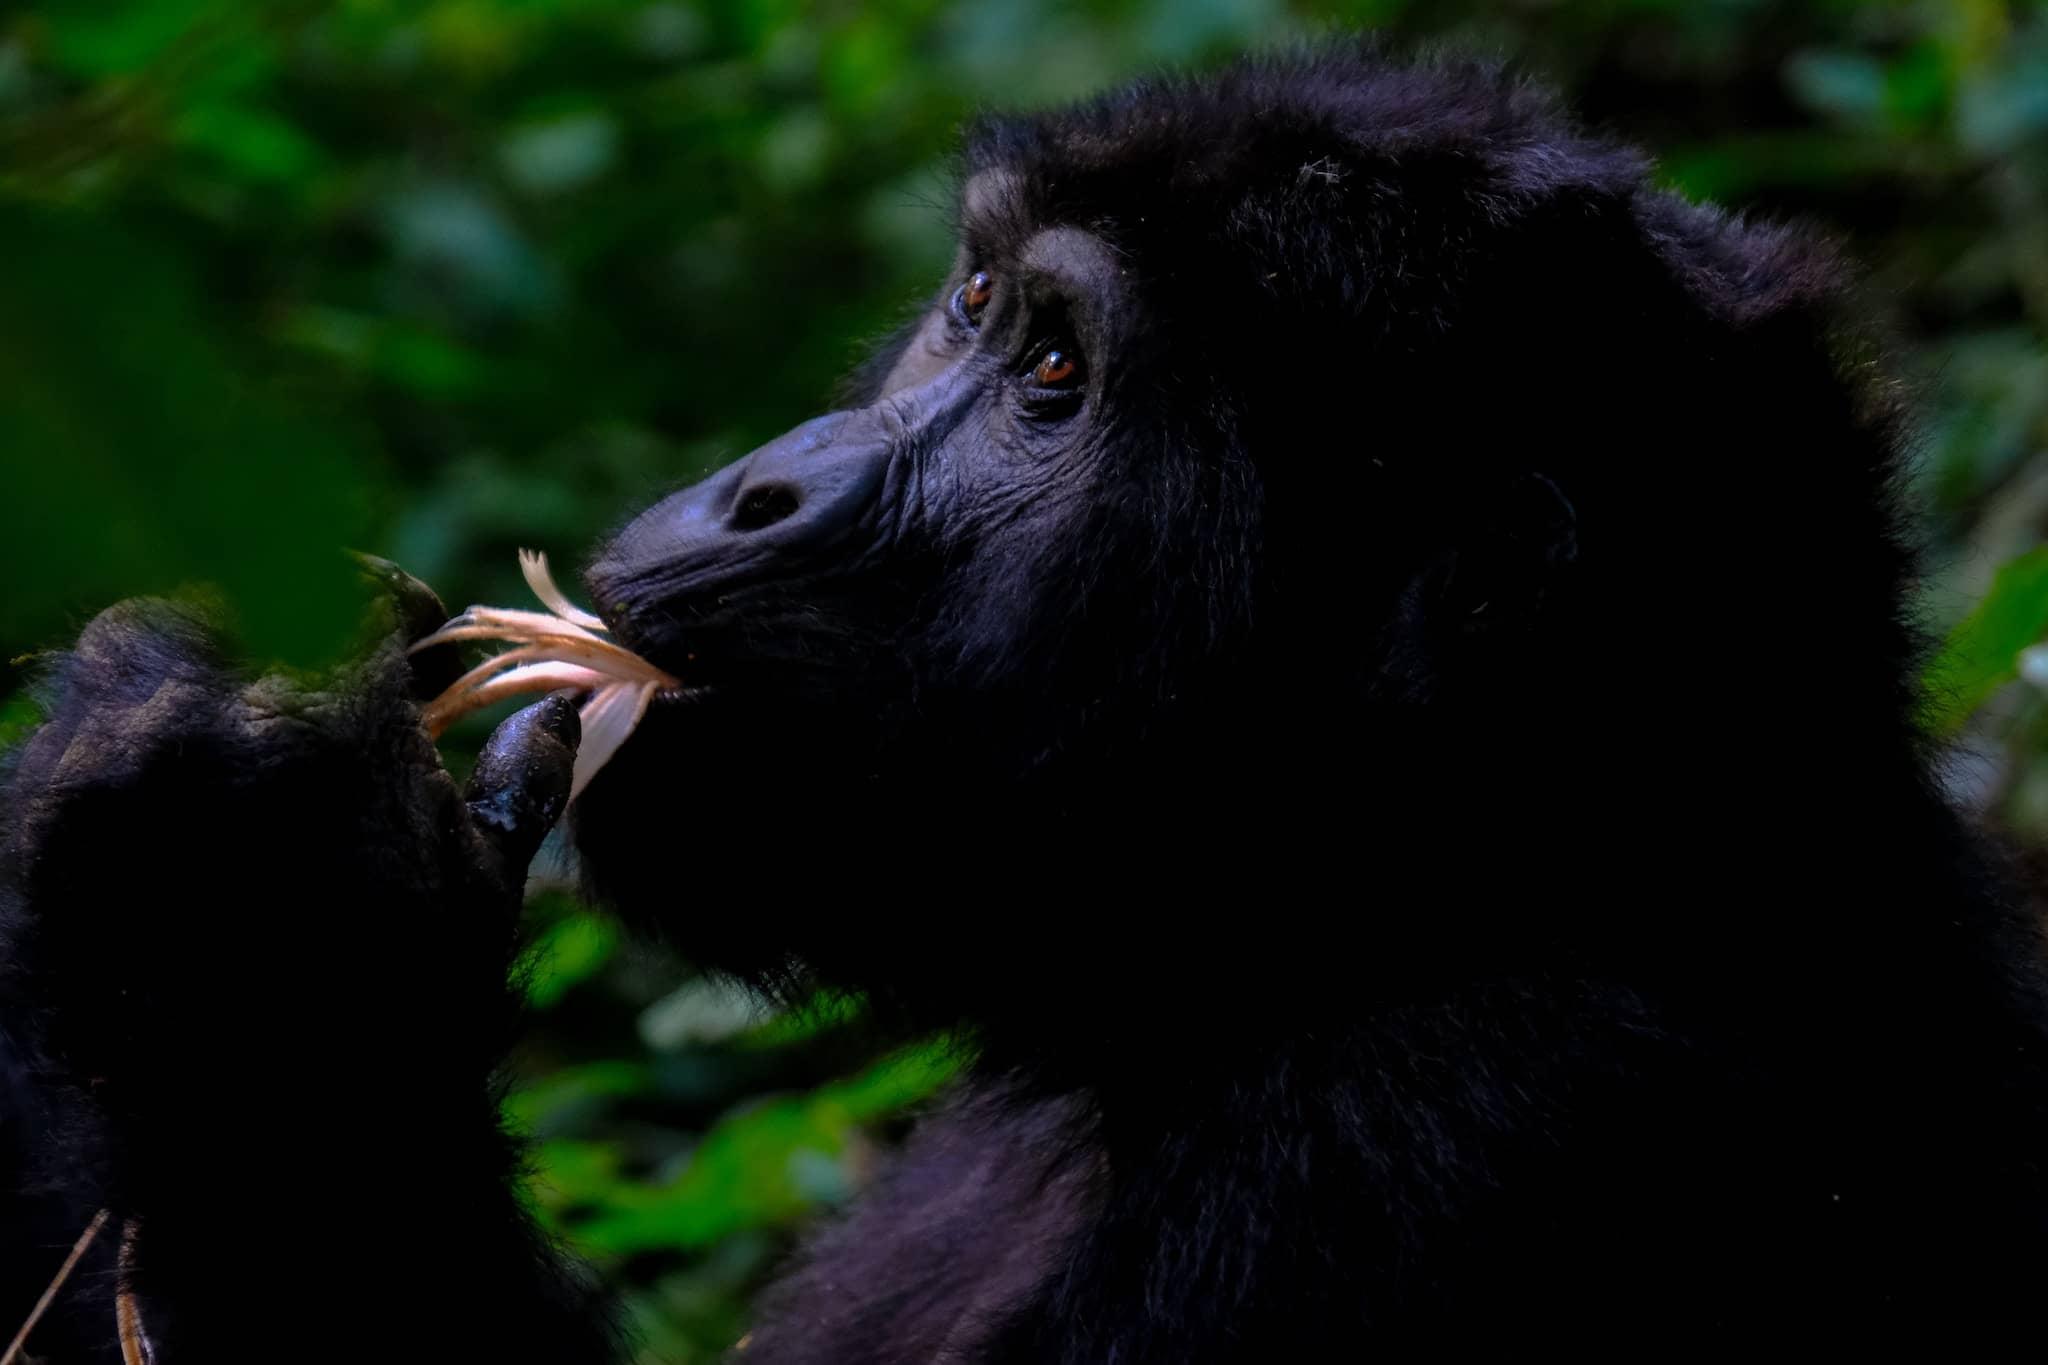 Ein Gorilla in Uganda knabbert an einer Blüte